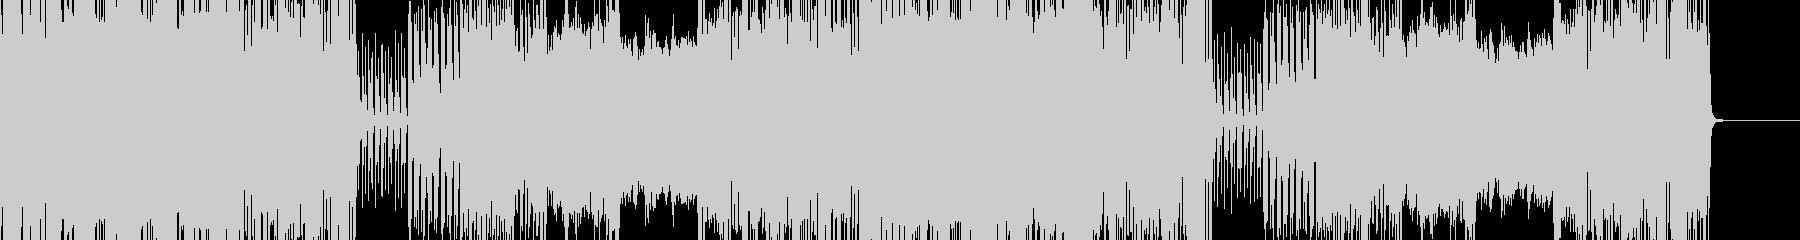 ピアノとギターの激しいロックBGMの未再生の波形